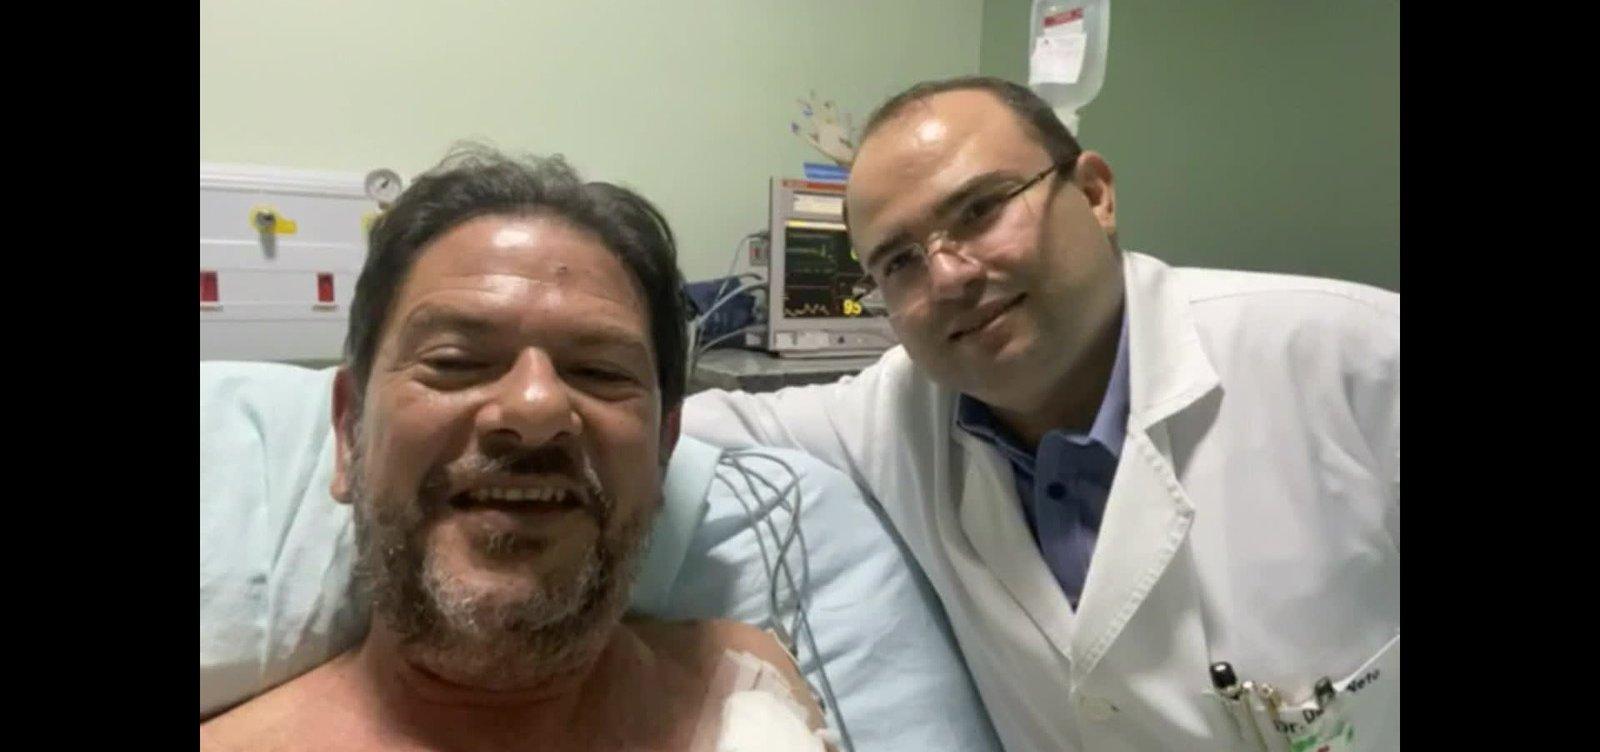 [Cid Gomes deixa hospital após ser baleado e ficará com projéteis alojados no corpo]